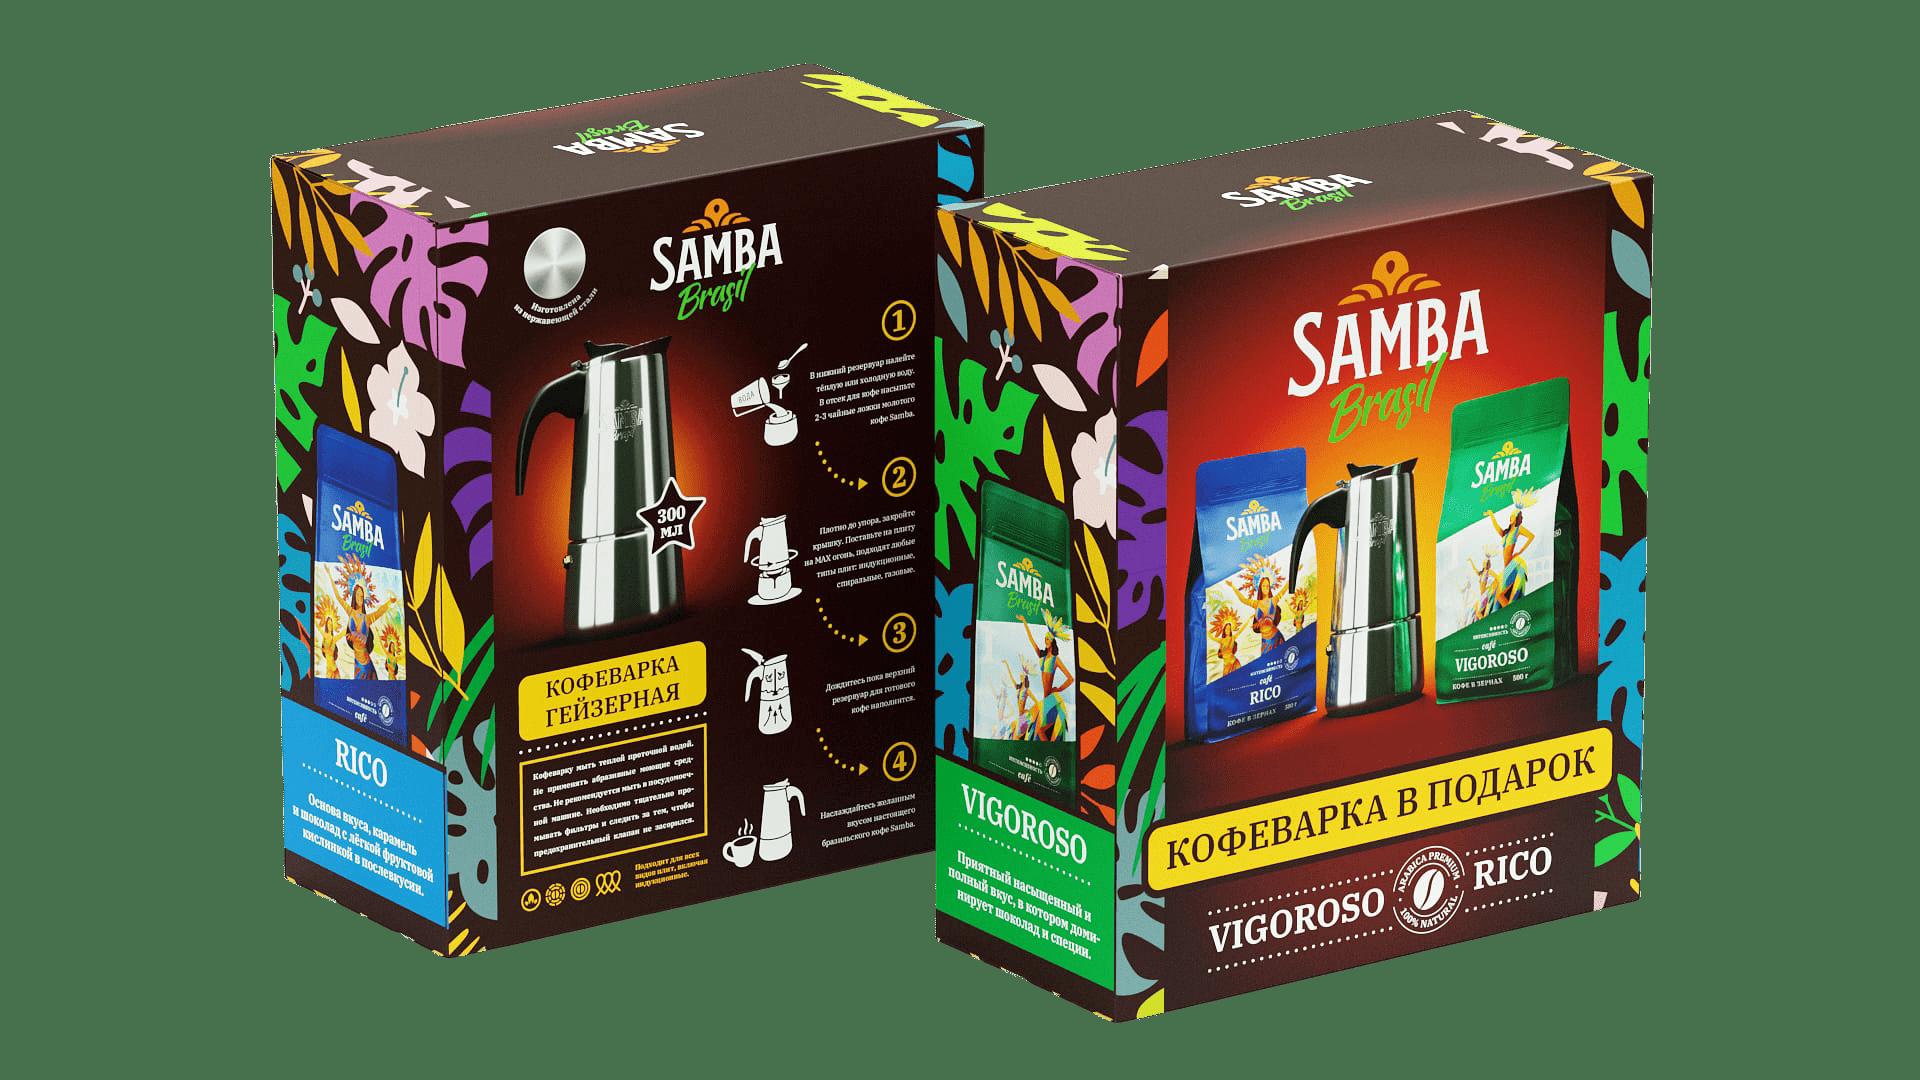 Кофеварка samba гейзерного типа